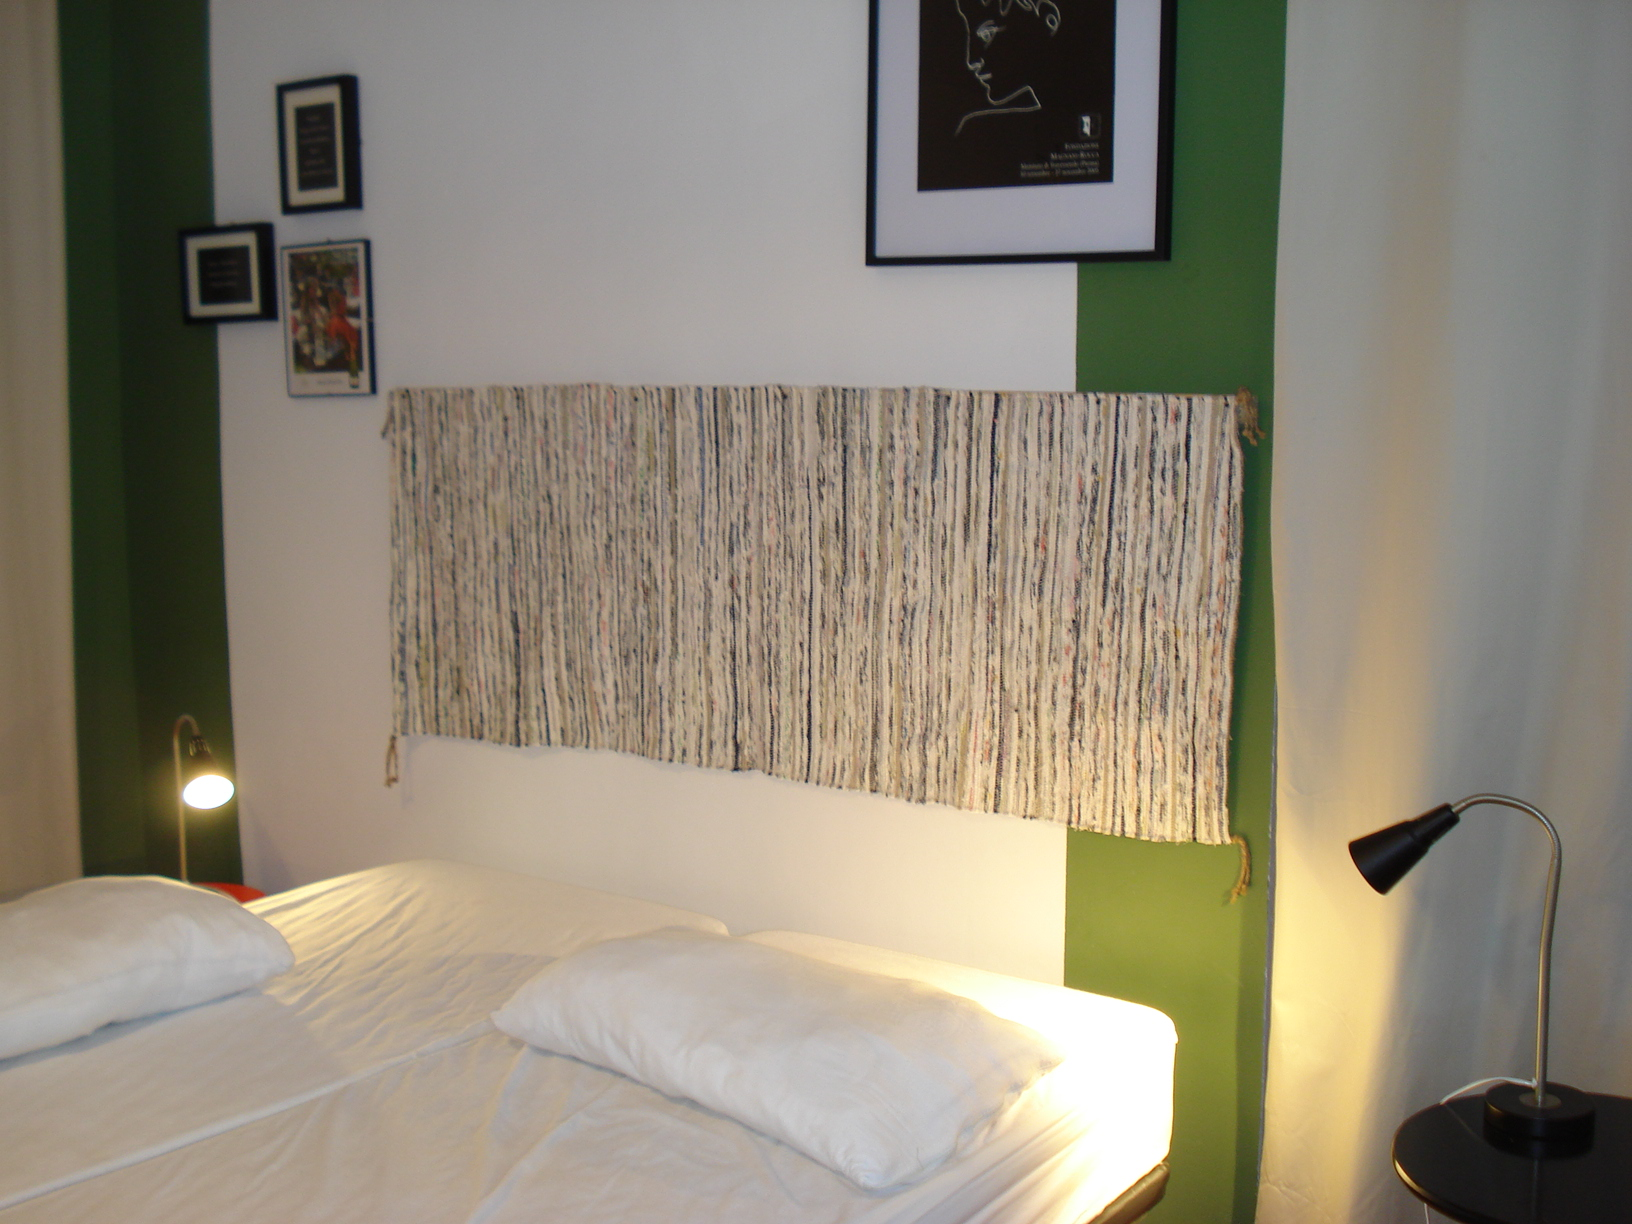 Appartamento in affitto a Biella, 2 locali, zona Zona: Centro, prezzo € 300   CambioCasa.it